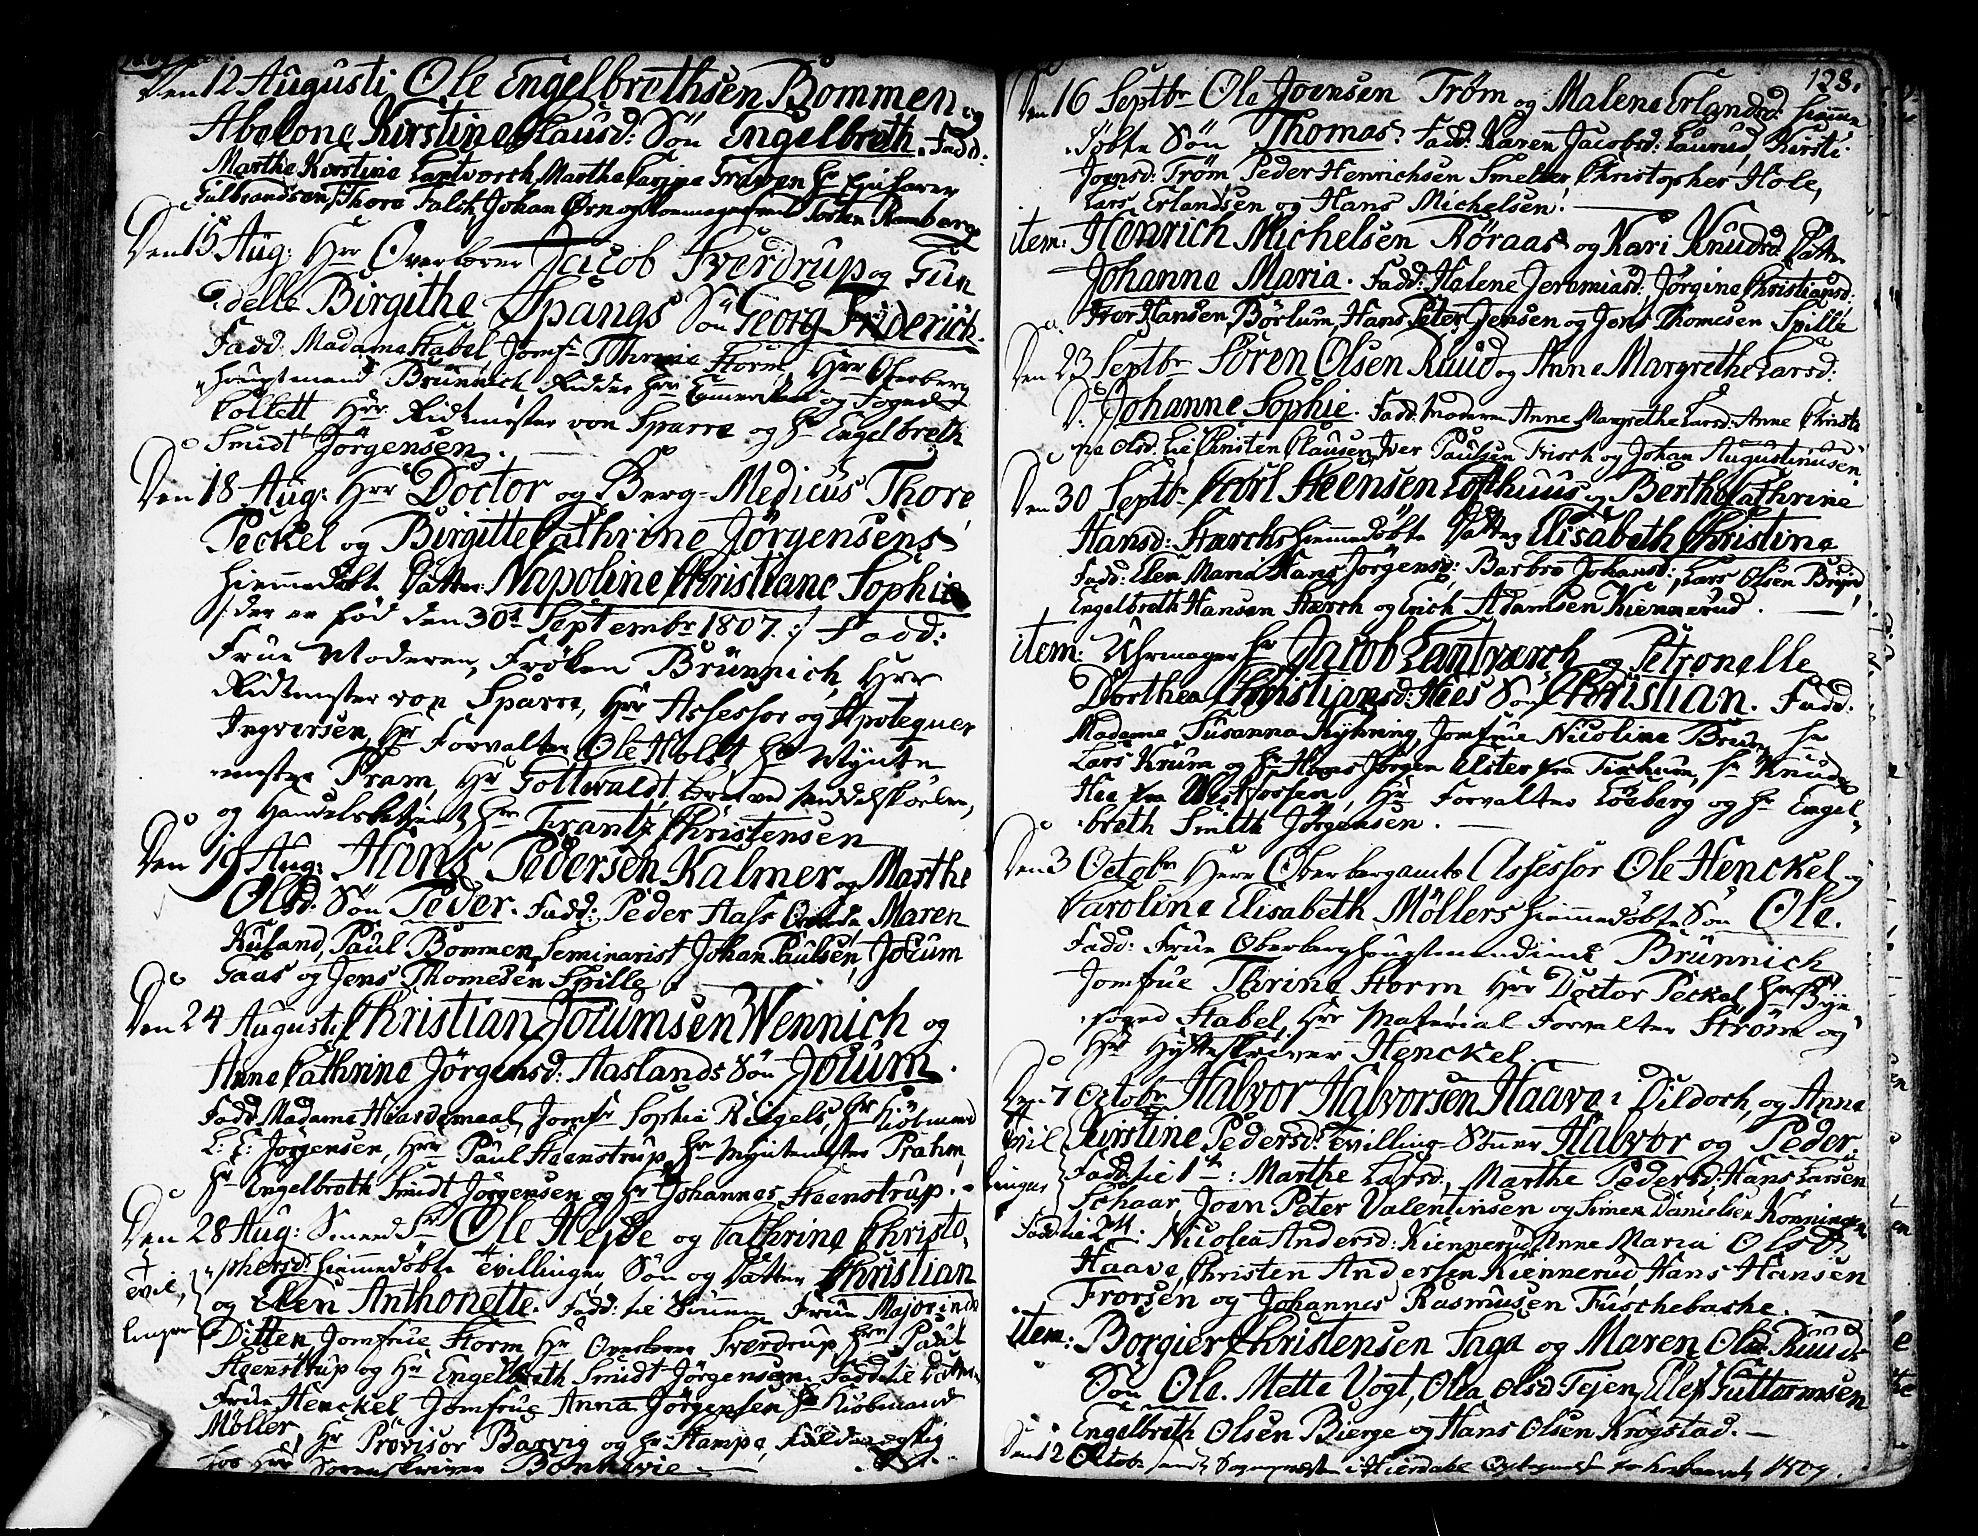 SAKO, Kongsberg kirkebøker, F/Fa/L0007: Ministerialbok nr. I 7, 1795-1816, s. 128